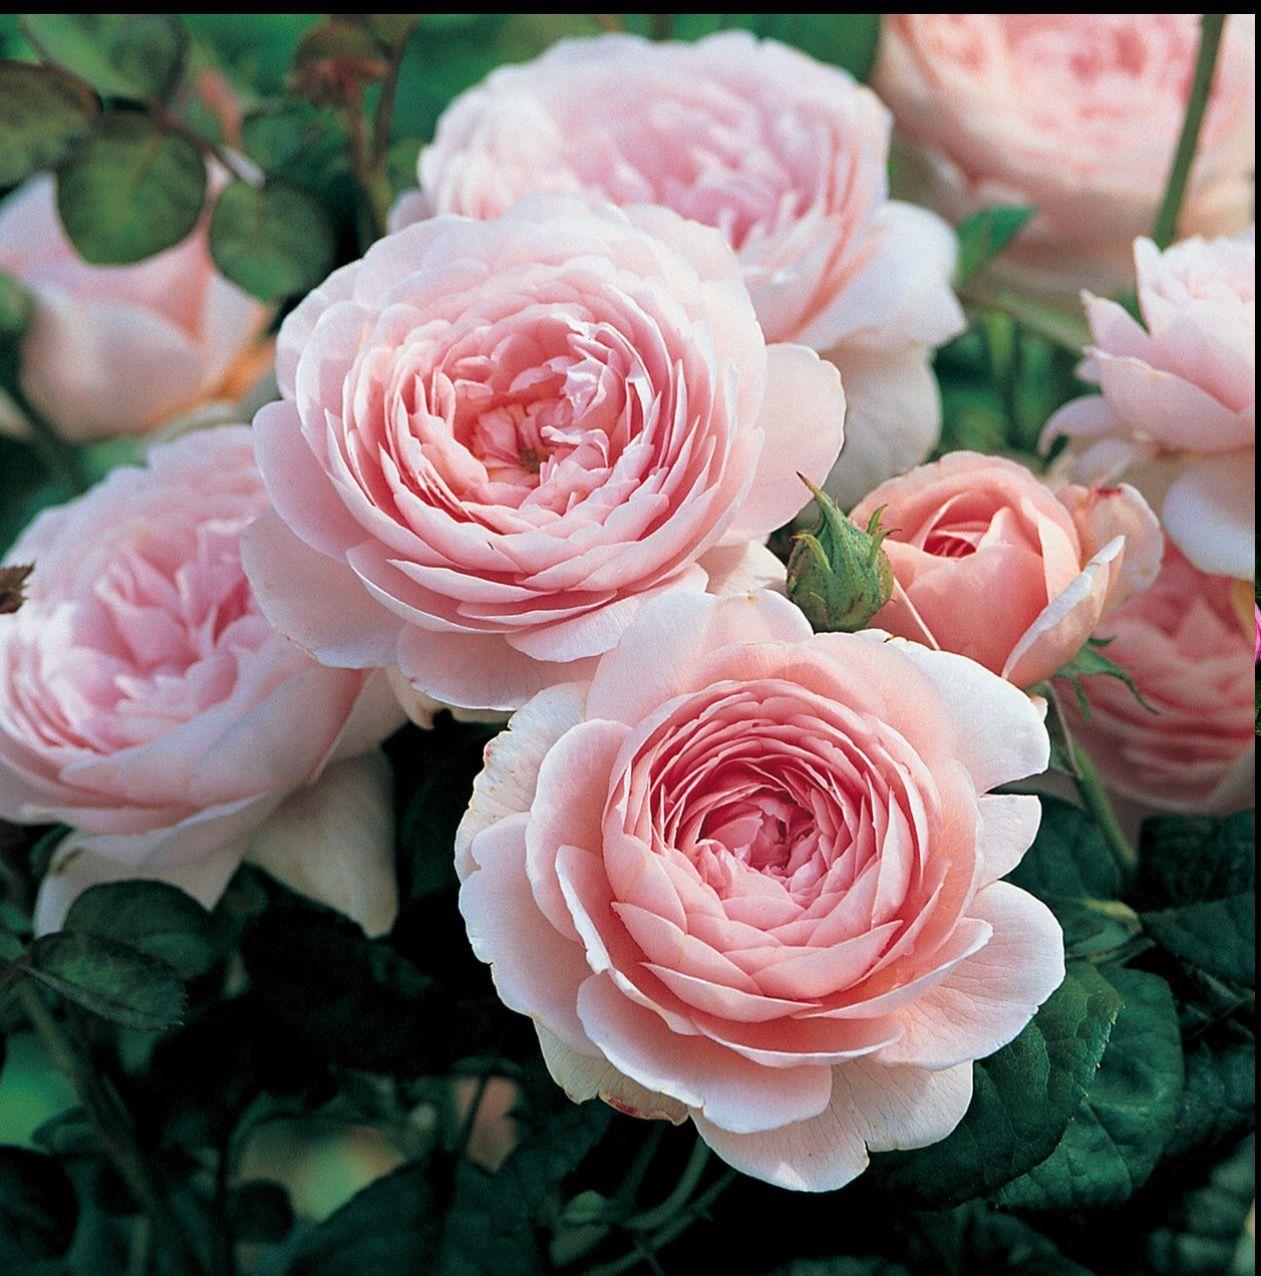 Épinglé par Eddie sur FLOWER ROSES Jardin fleurs coupées